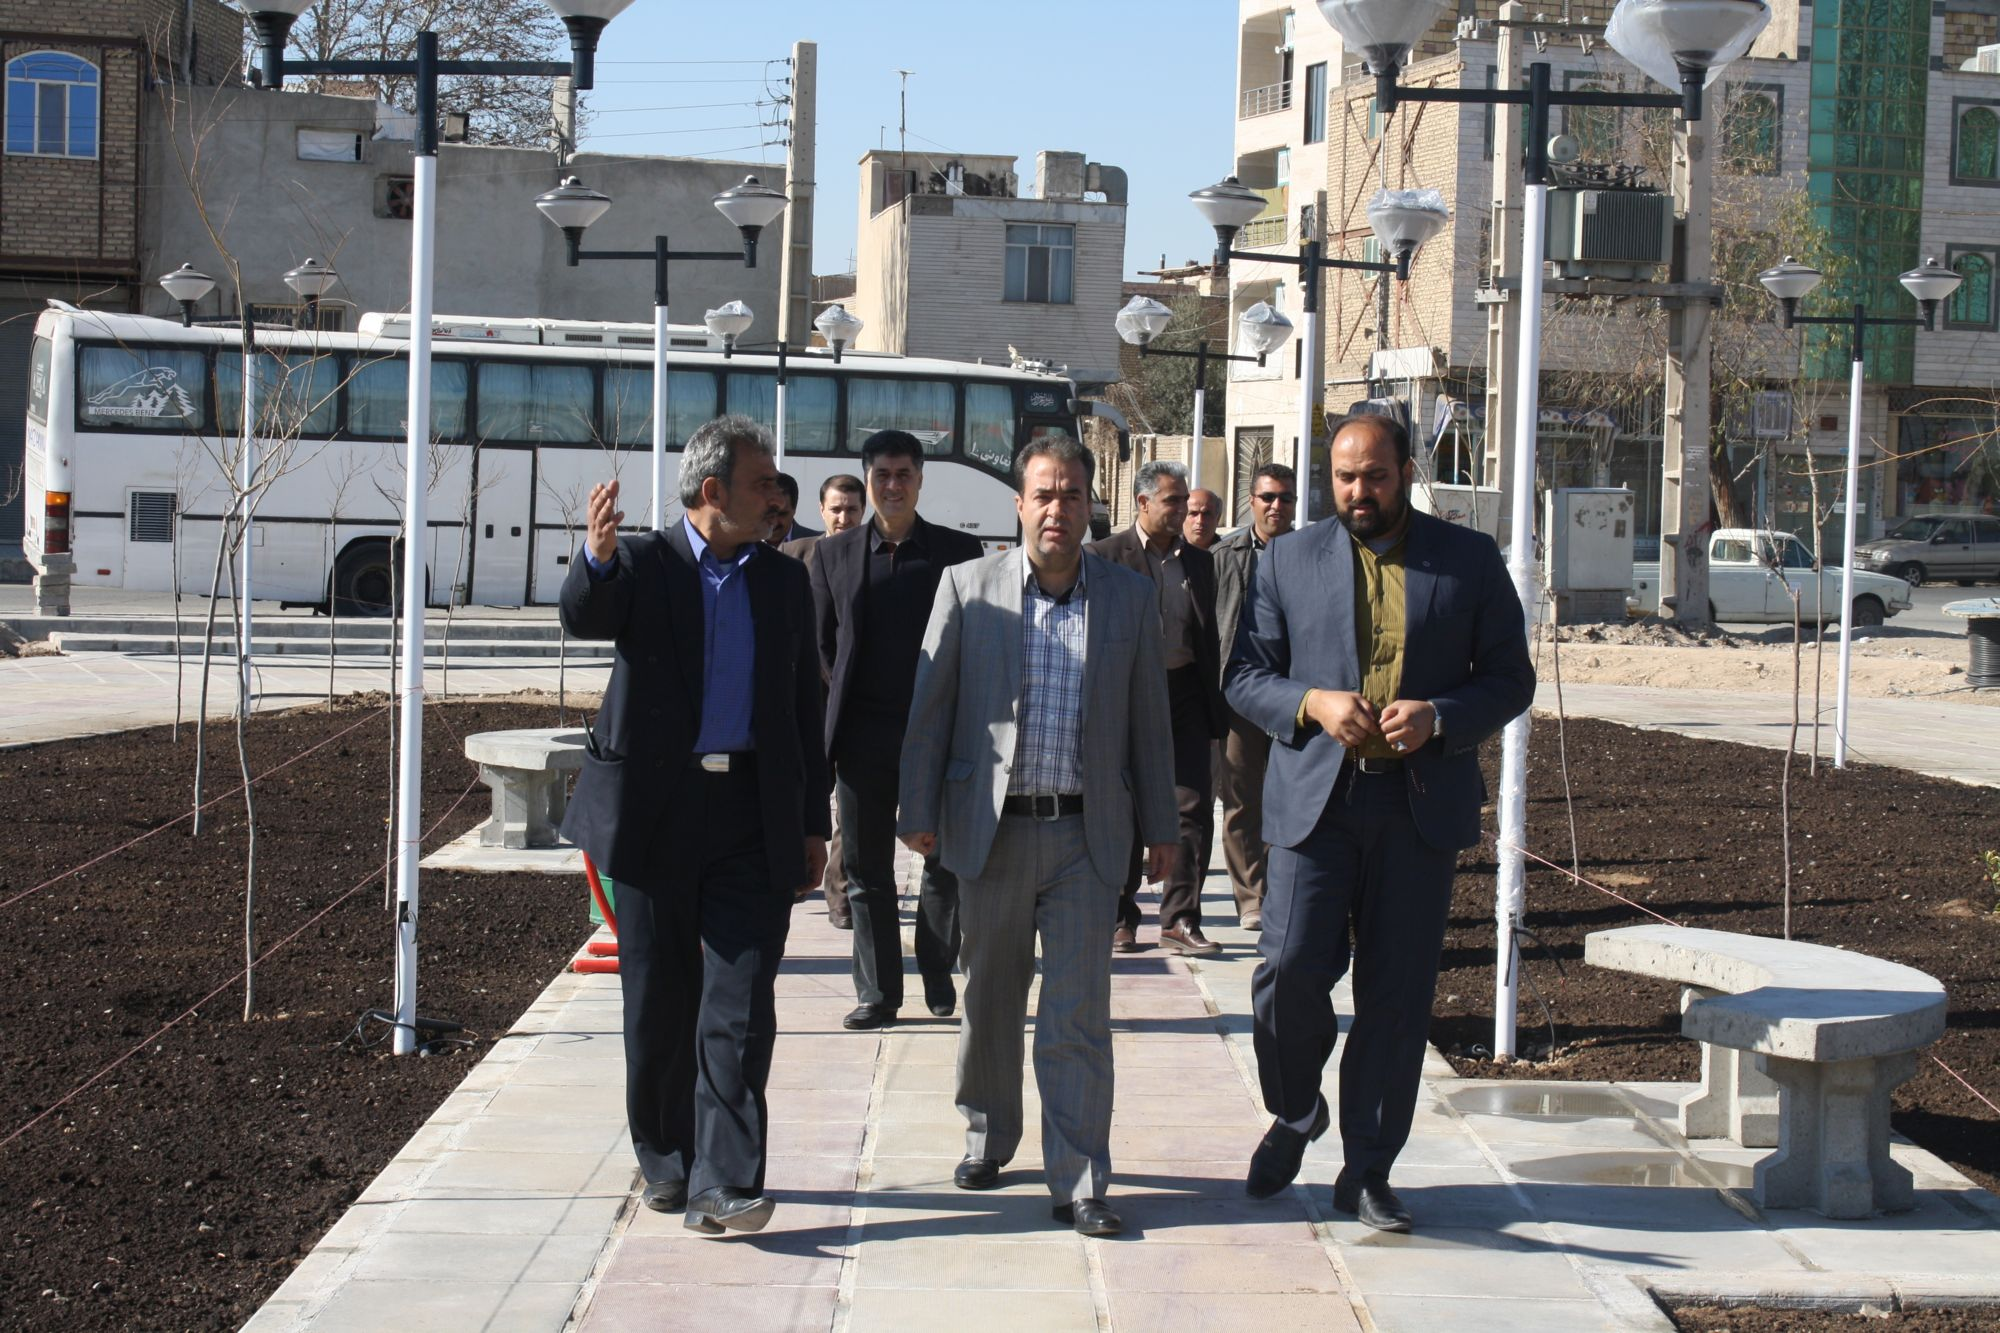 گزارش تصویری گوشه ای از اقدامات عمرانی سال ۹۳ شهرداری ورامین